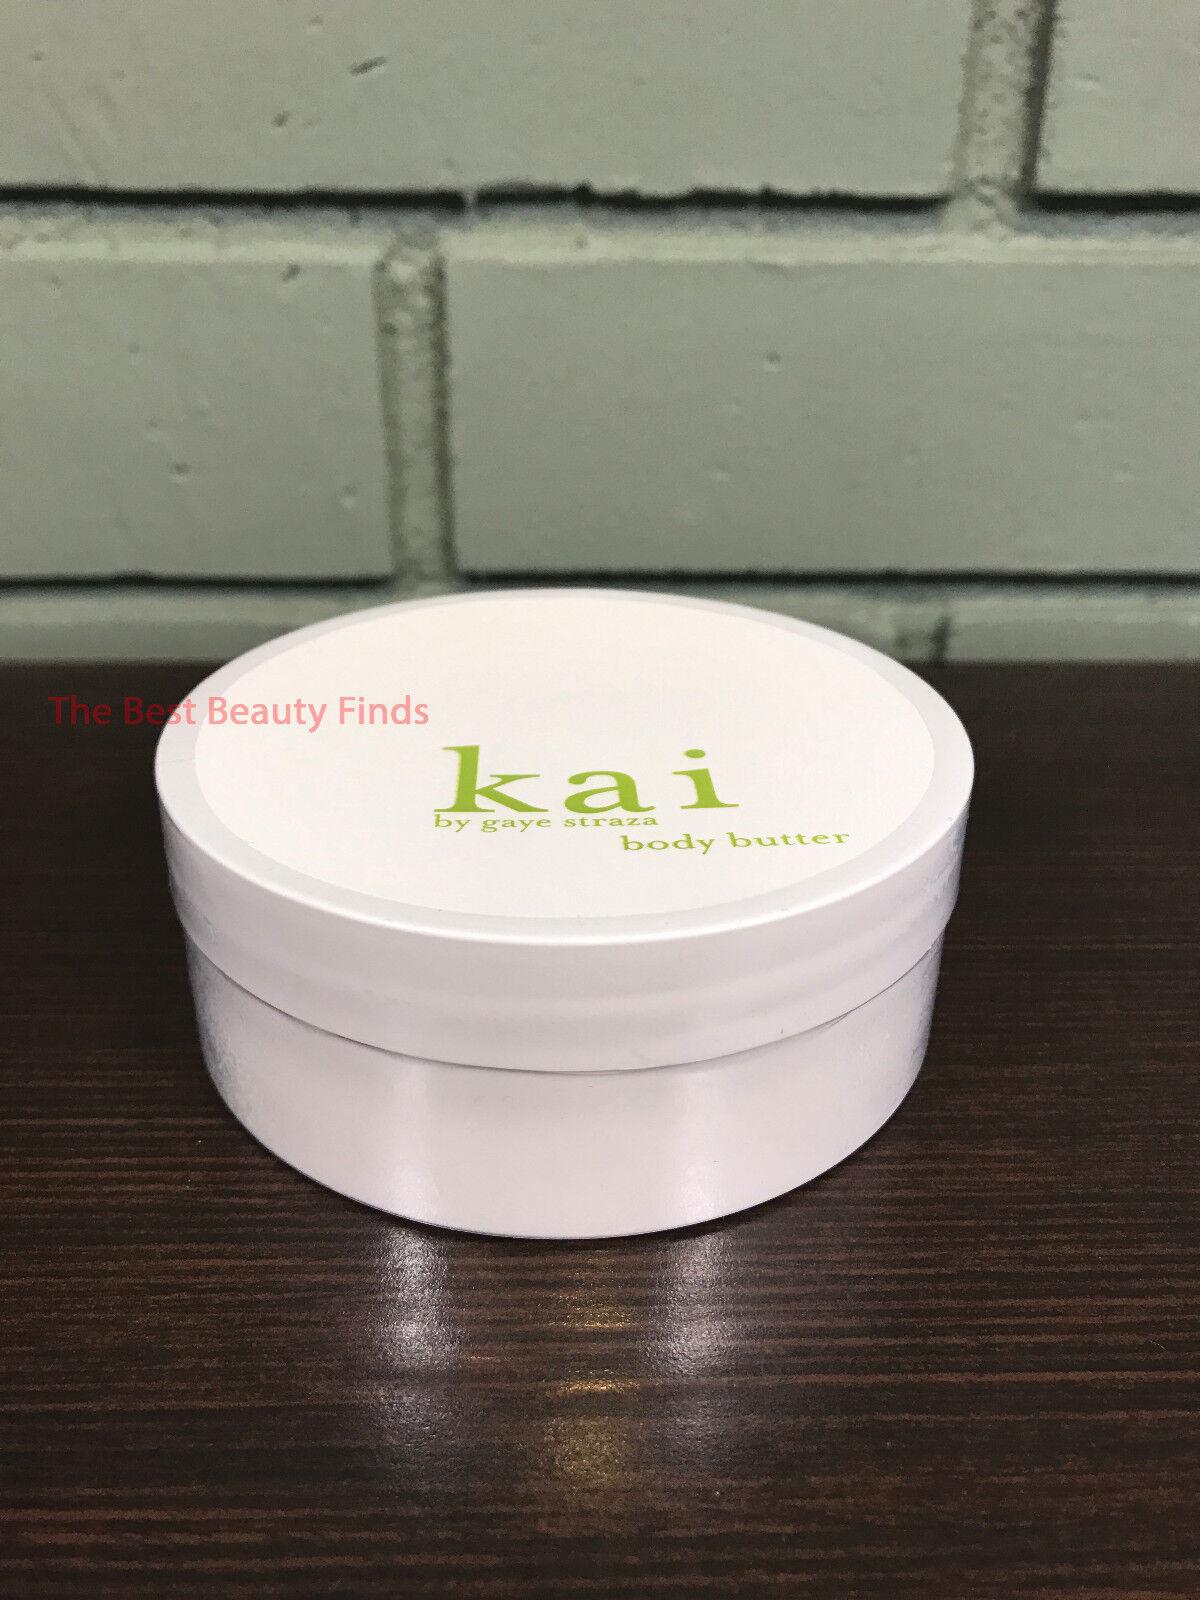 KAI BY Gaye Straza BODY BUTTER 6.4oz- SEALED & FRESH - Fast